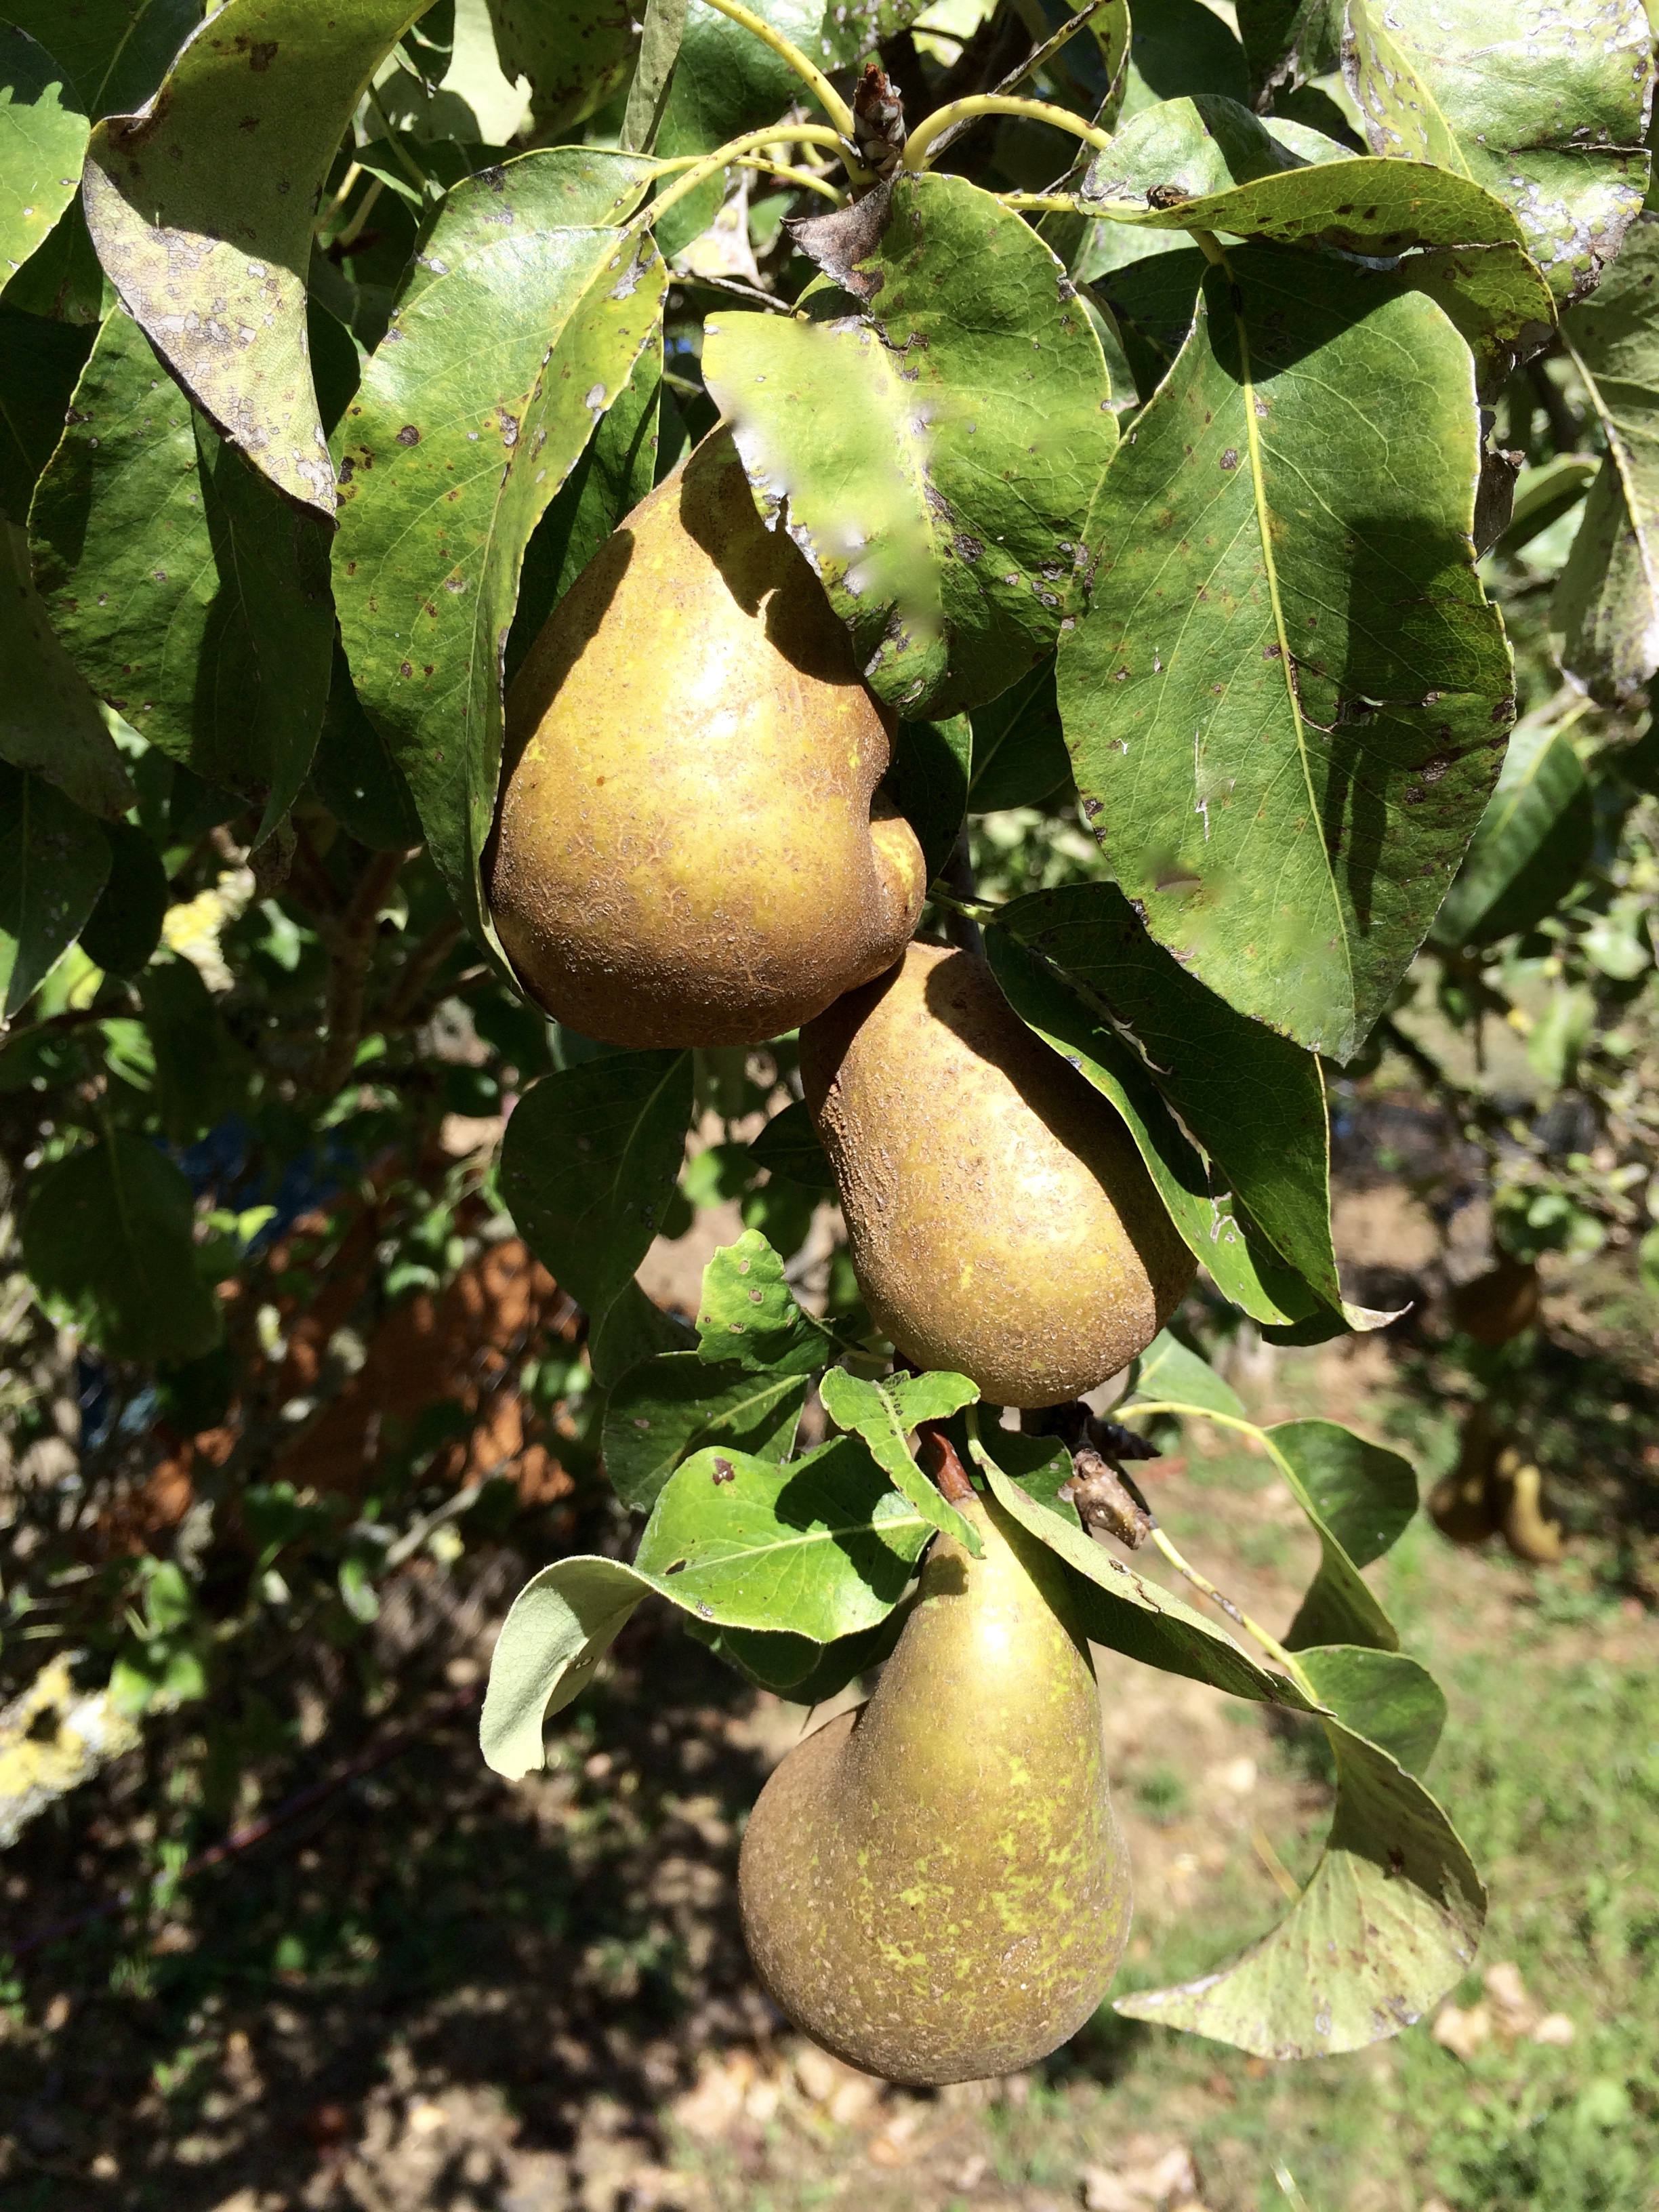 Lovely pears!